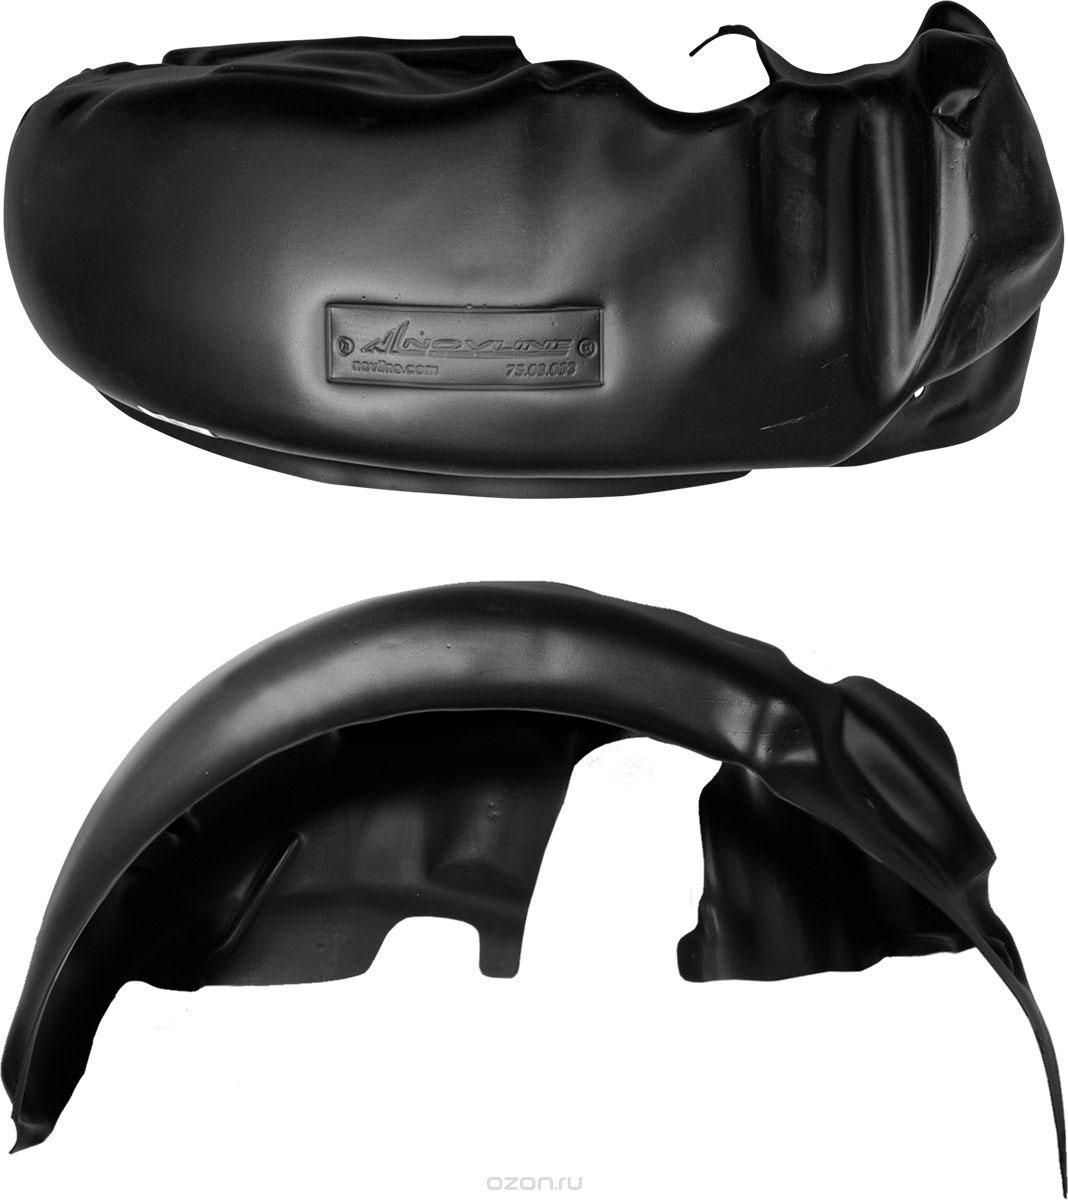 Подкрылок Novline-Autofamily, для Hyundai i20, 2009->, передний левыйNLL.20.32.001Идеальная защита колесной ниши. Локеры разработаны с применением цифровых технологий, гарантируют максимальную повторяемость поверхности арки. Изделия устанавливаются без нарушения лакокрасочного покрытия автомобиля, каждый подкрылок комплектуется крепежом. Уважаемые клиенты, обращаем ваше внимание, что фотографии на подкрылки универсальные и не отражают реальную форму изделия. При этом само изделие идет точно под размер указанного автомобиля.